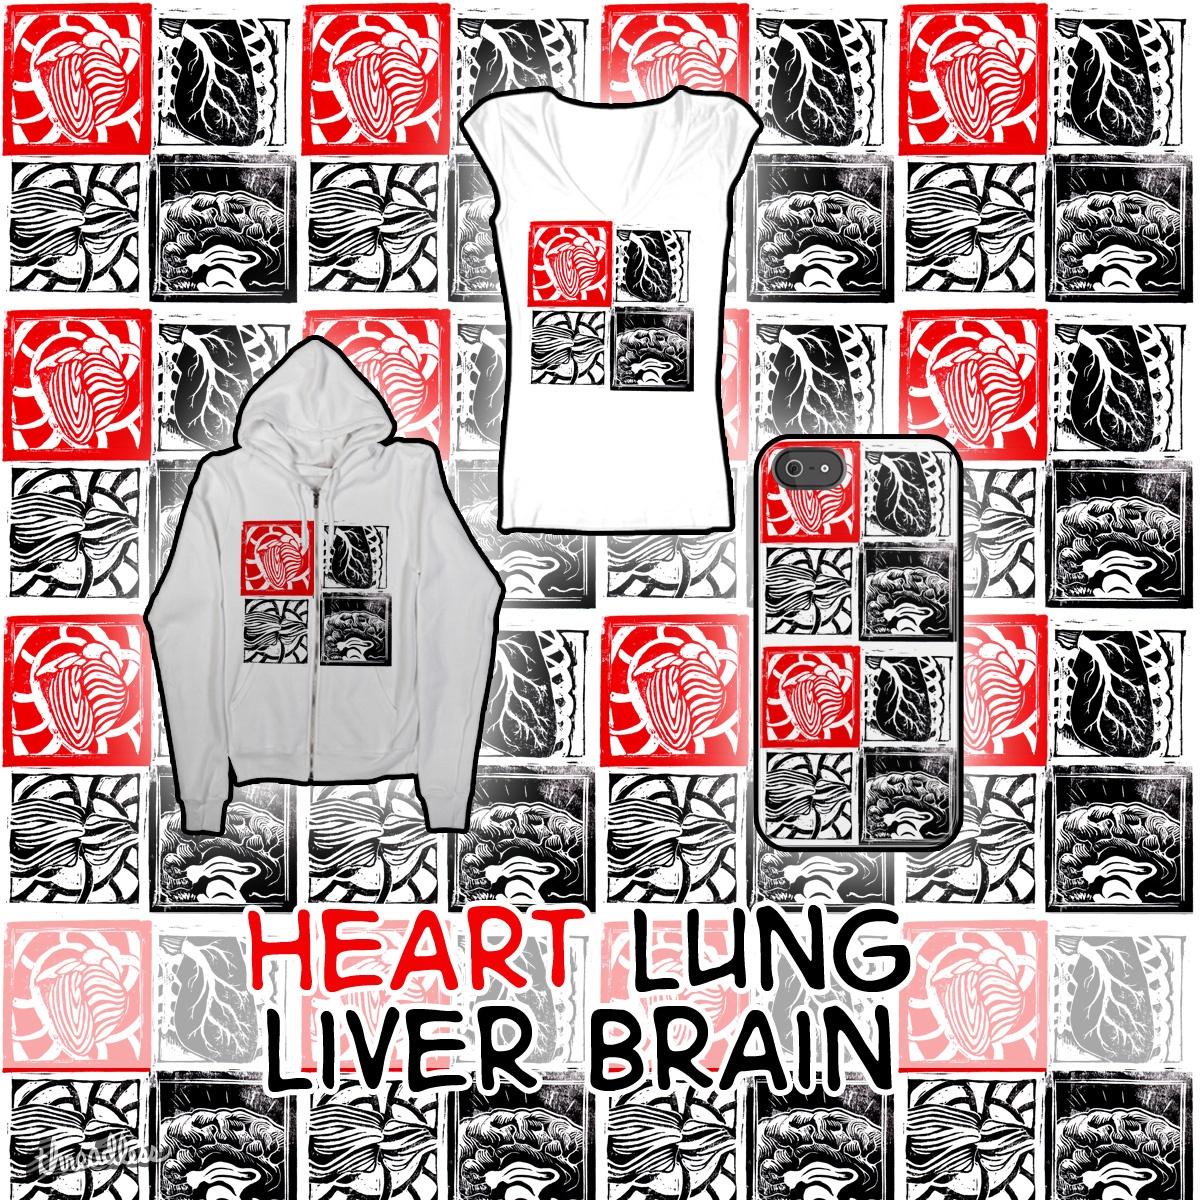 Heart Lung Liver Brain by Veitstanz on Threadless